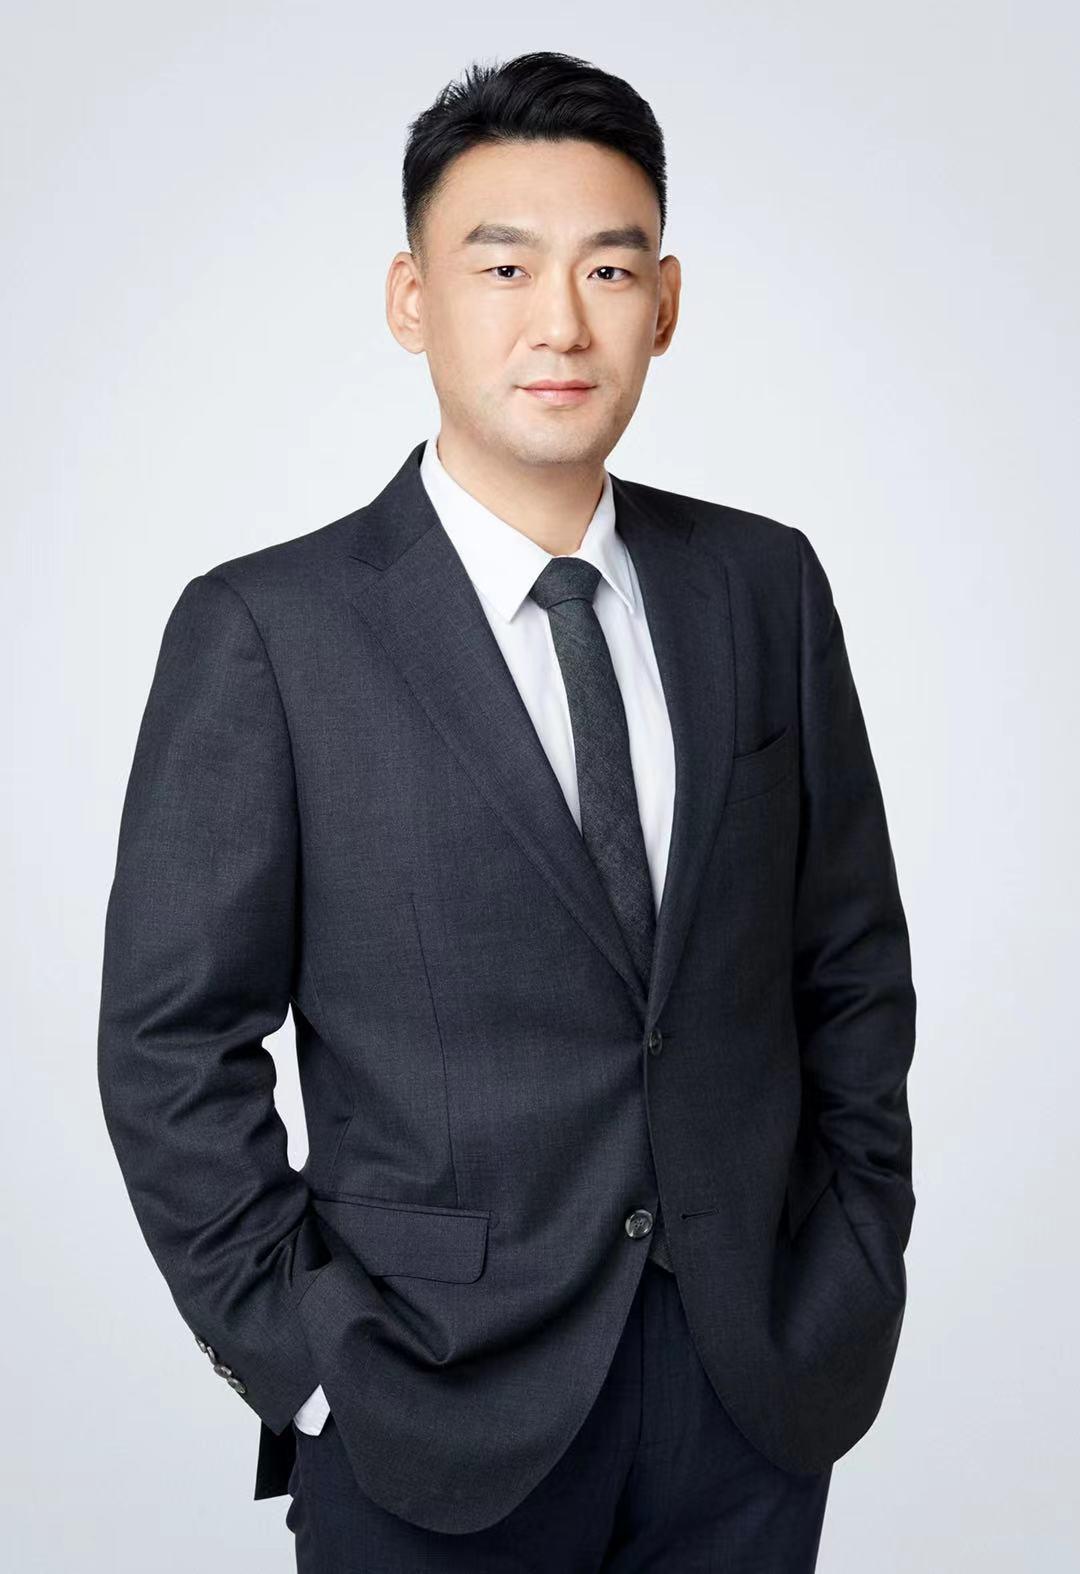 百度智能汽车事业部总经理郭阳